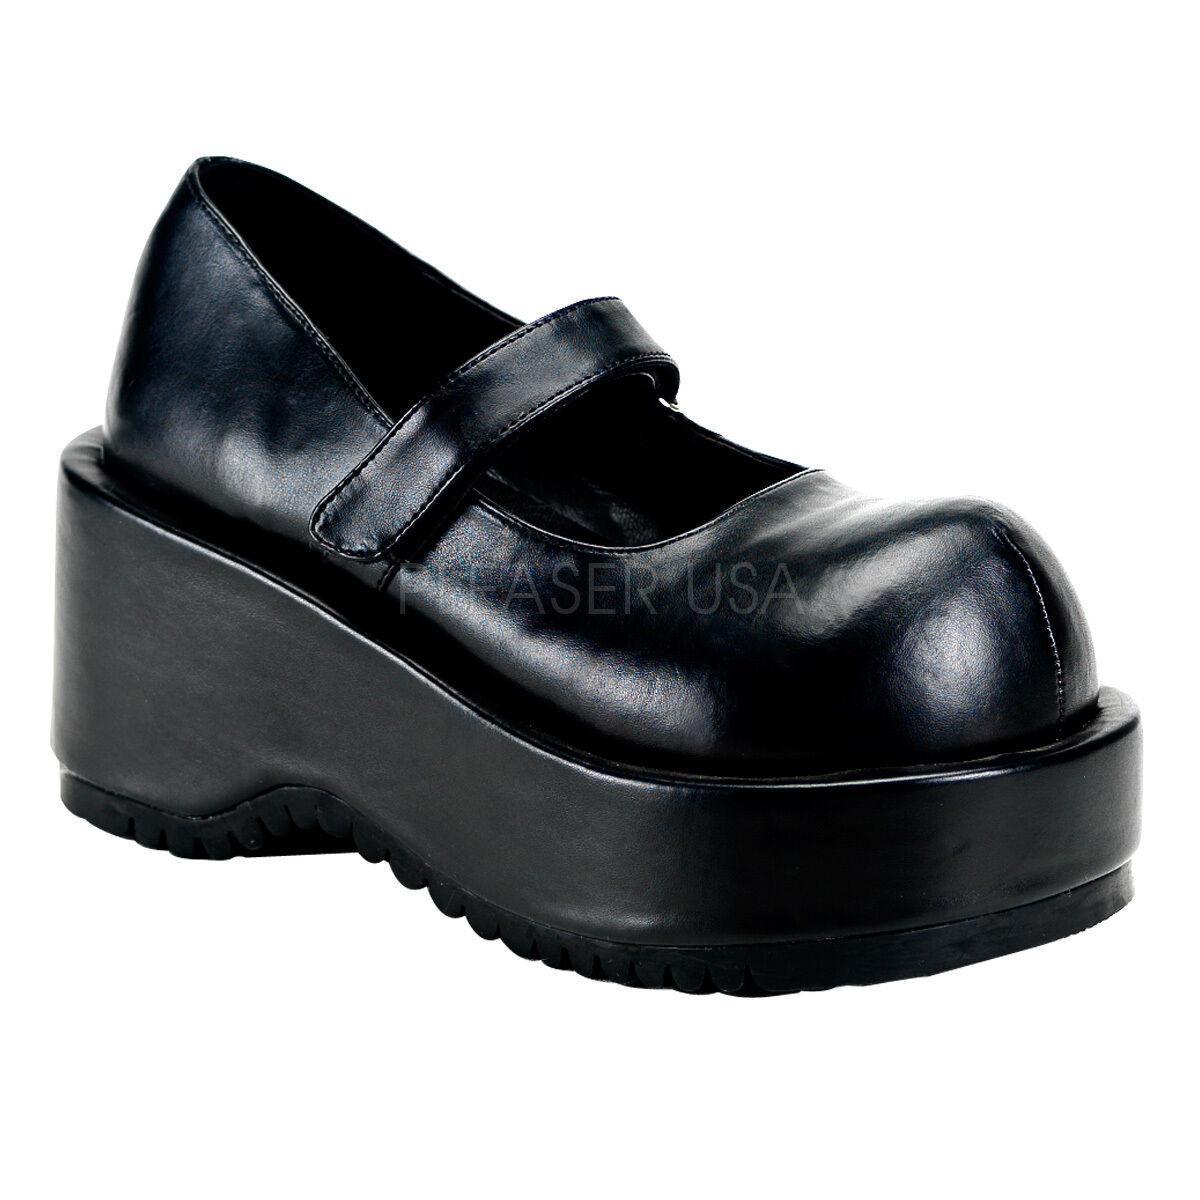 Los últimos zapatos de descuento para hombres y mujeres Descuento por tiempo limitado Demonia Dolly 01 Ladies Goth Punk Rockabilly Cyber Black Vegan Leather Shoes